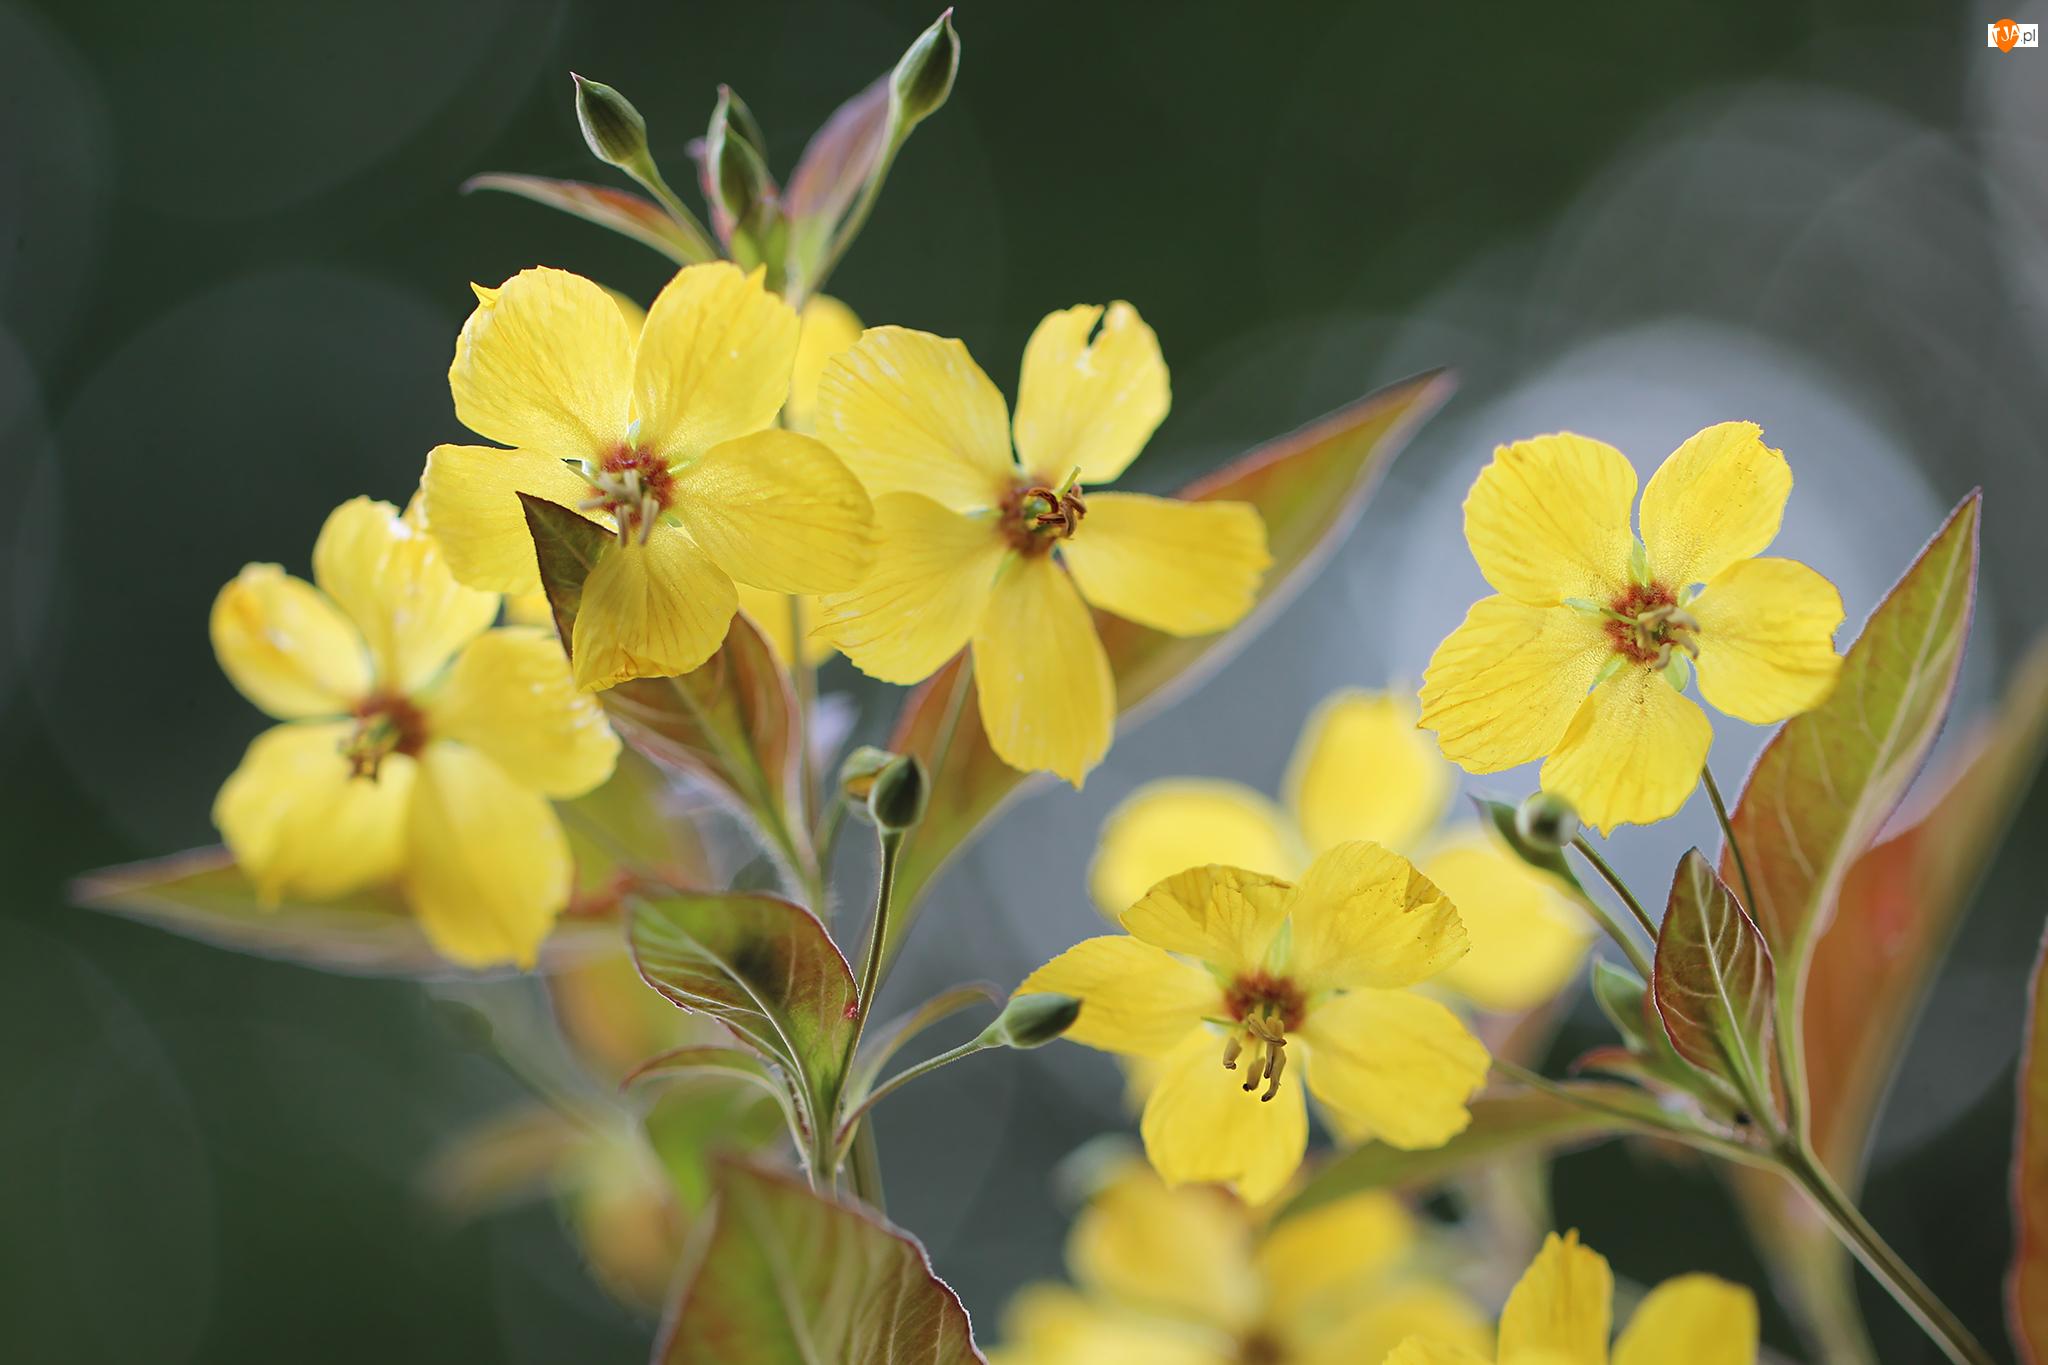 Kwiaty, Tojeść orzęsiona, Żółte